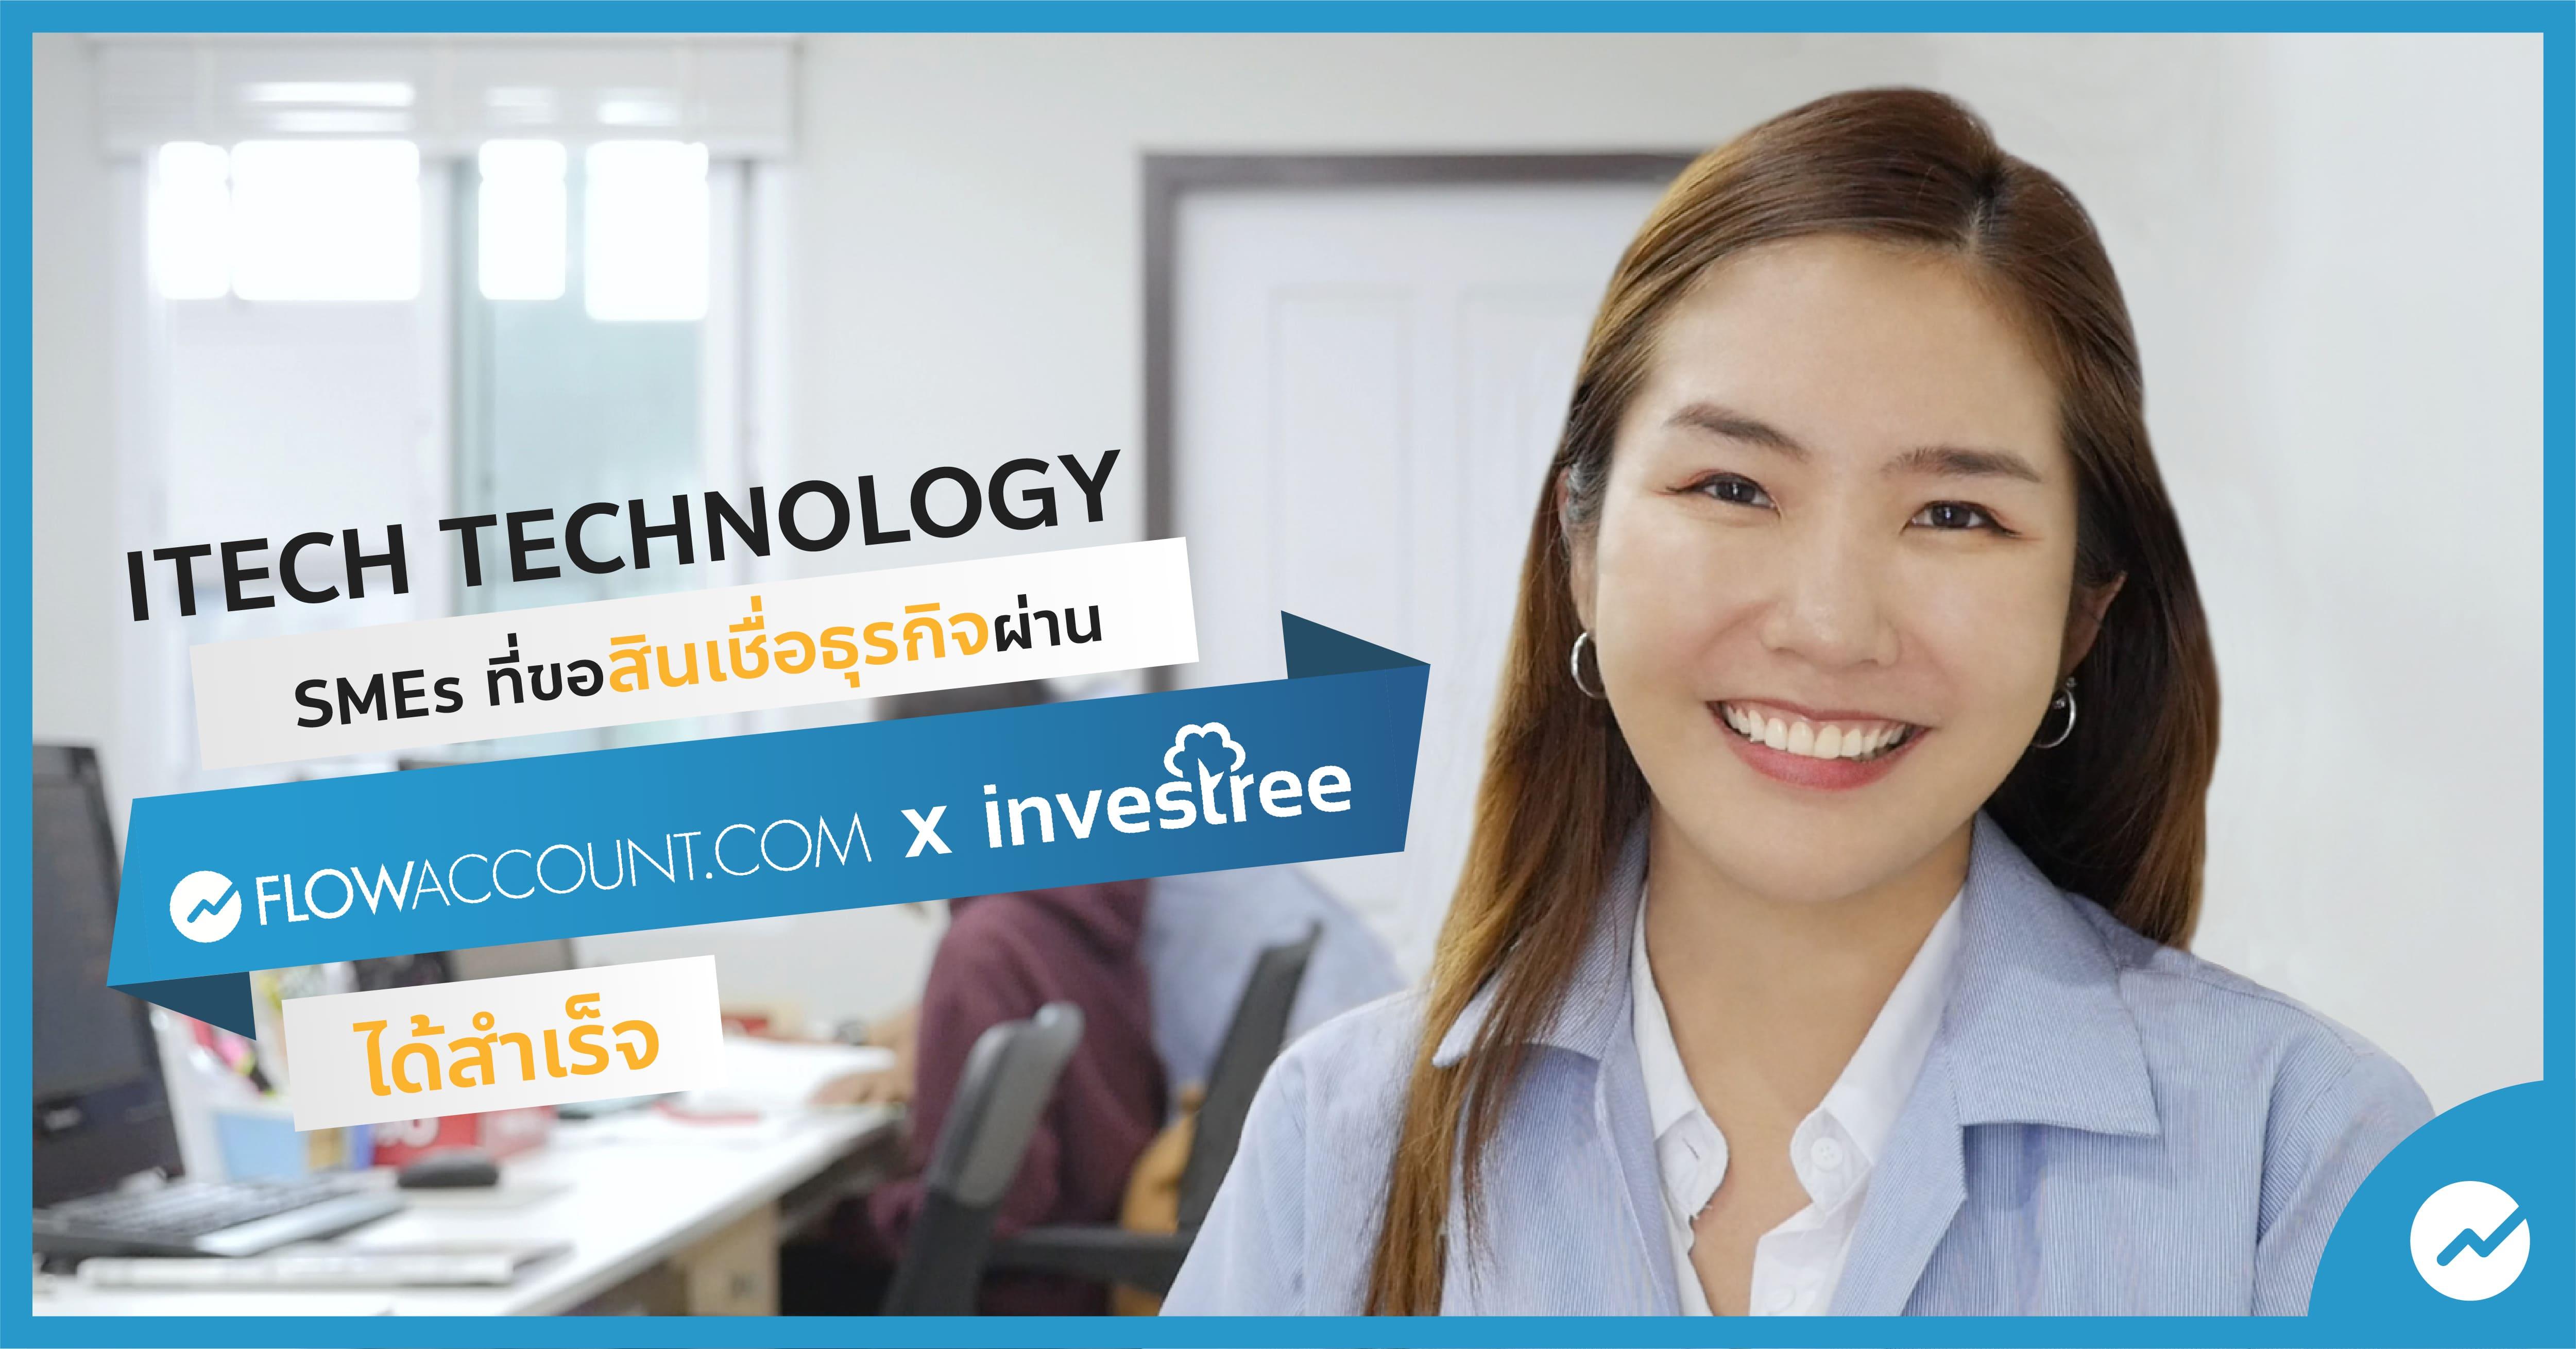 สินเชื่อธุรกิจ FlowAccount X Investree